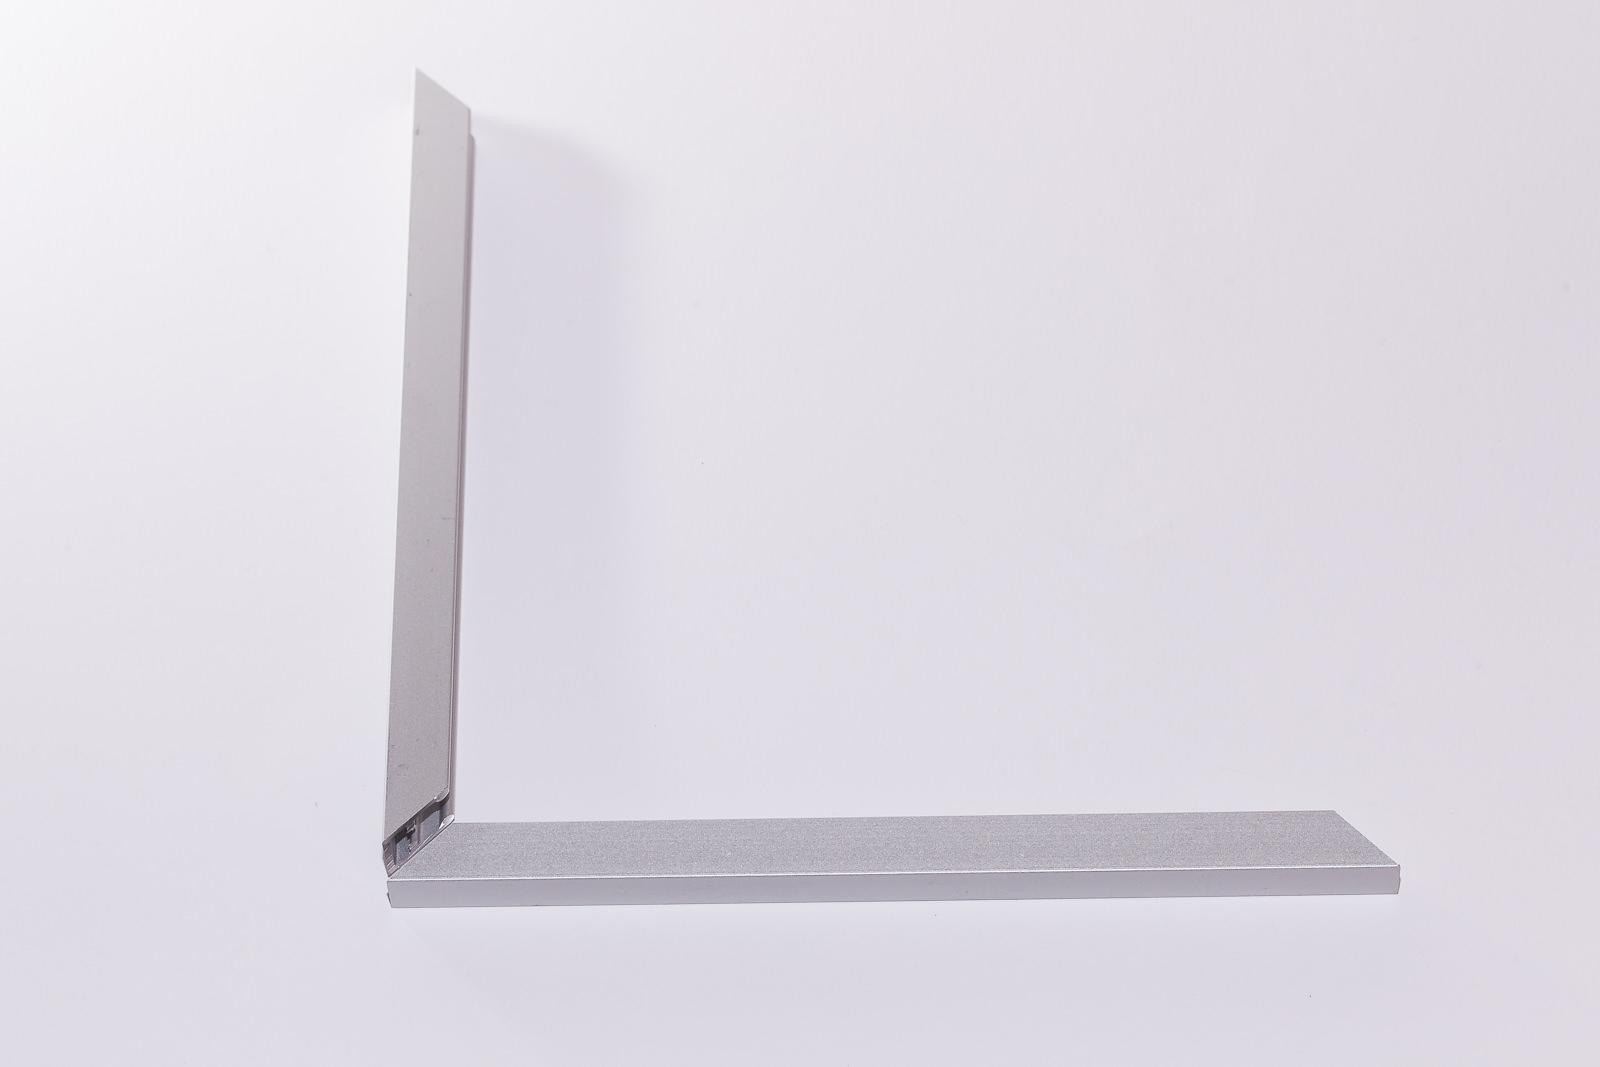 HK 5 Aluminium-Display-Profil